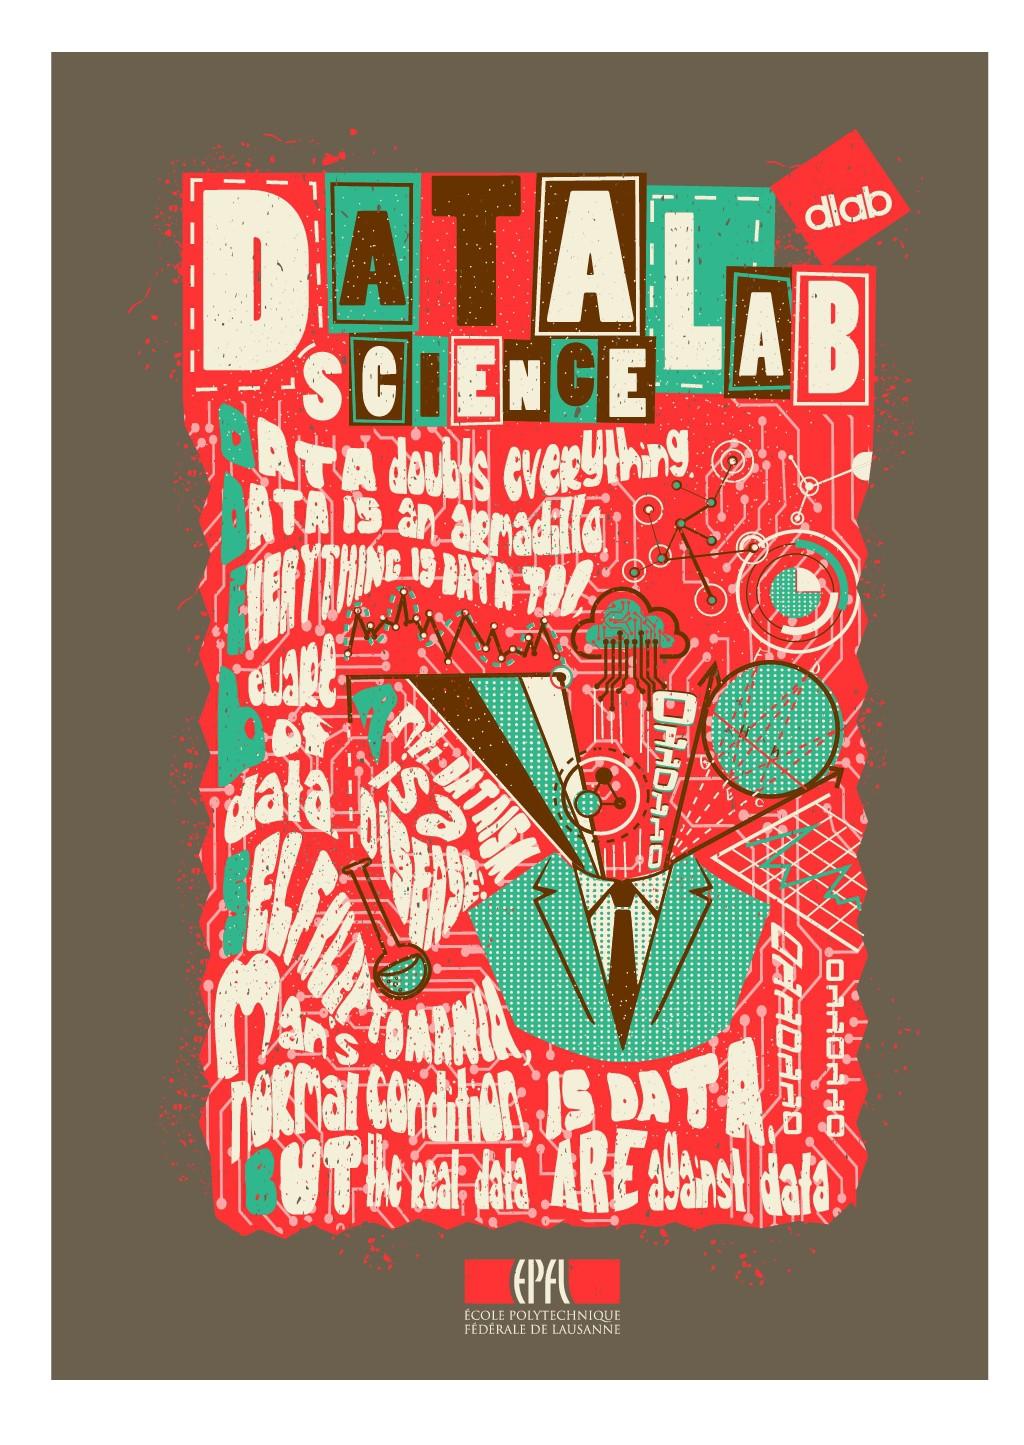 EPFL Data Science Lab (dlab) needs a dada T shirt